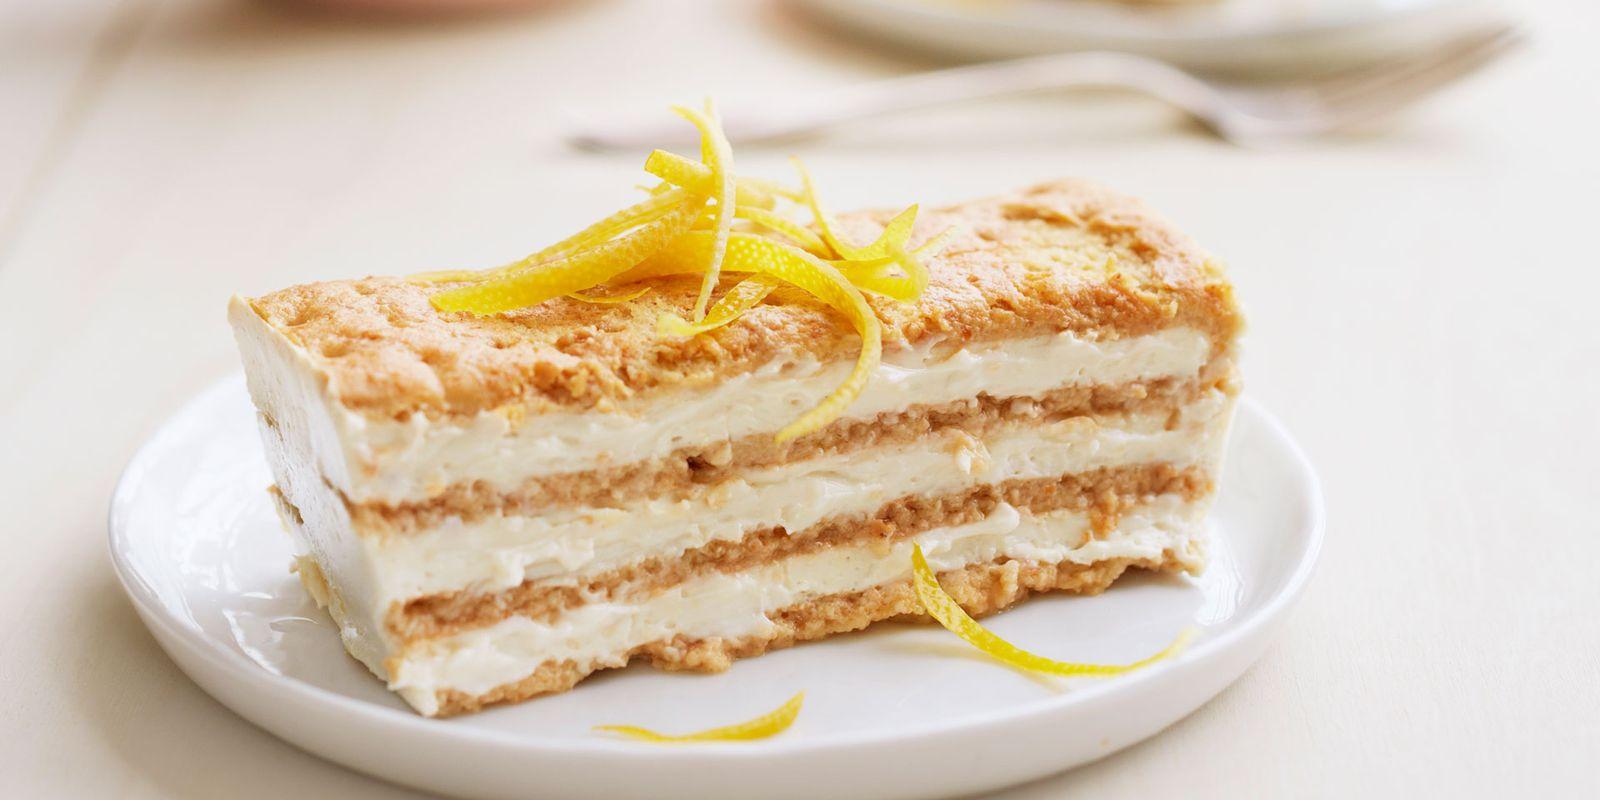 Lemon Cake Recipes Using Box Mix: Lemon Maple Icebox Cake Recipe